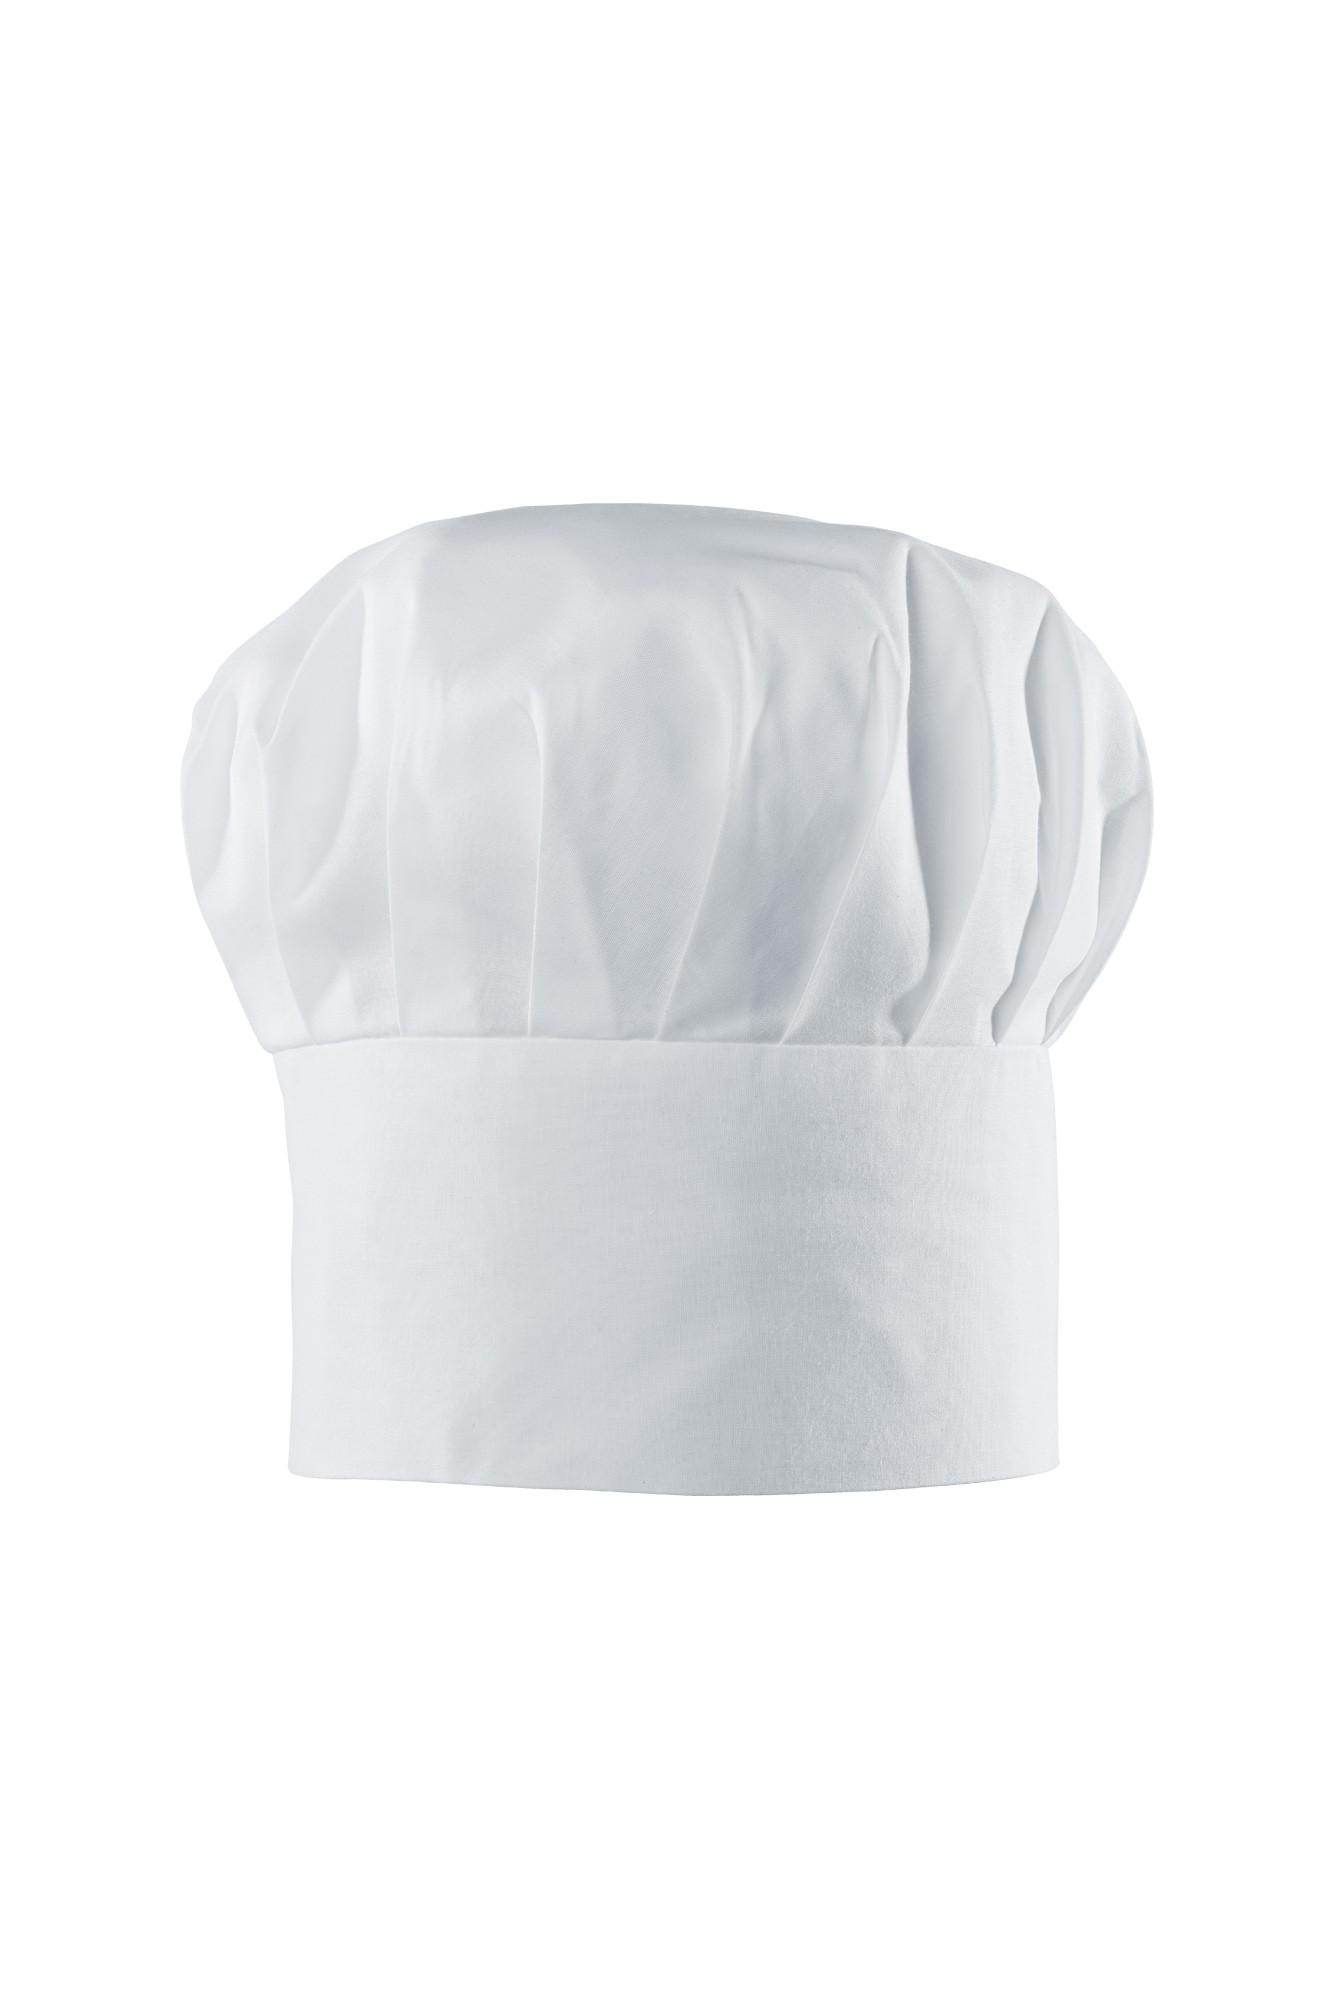 Dětská kuchařská čepice Joli - bílá